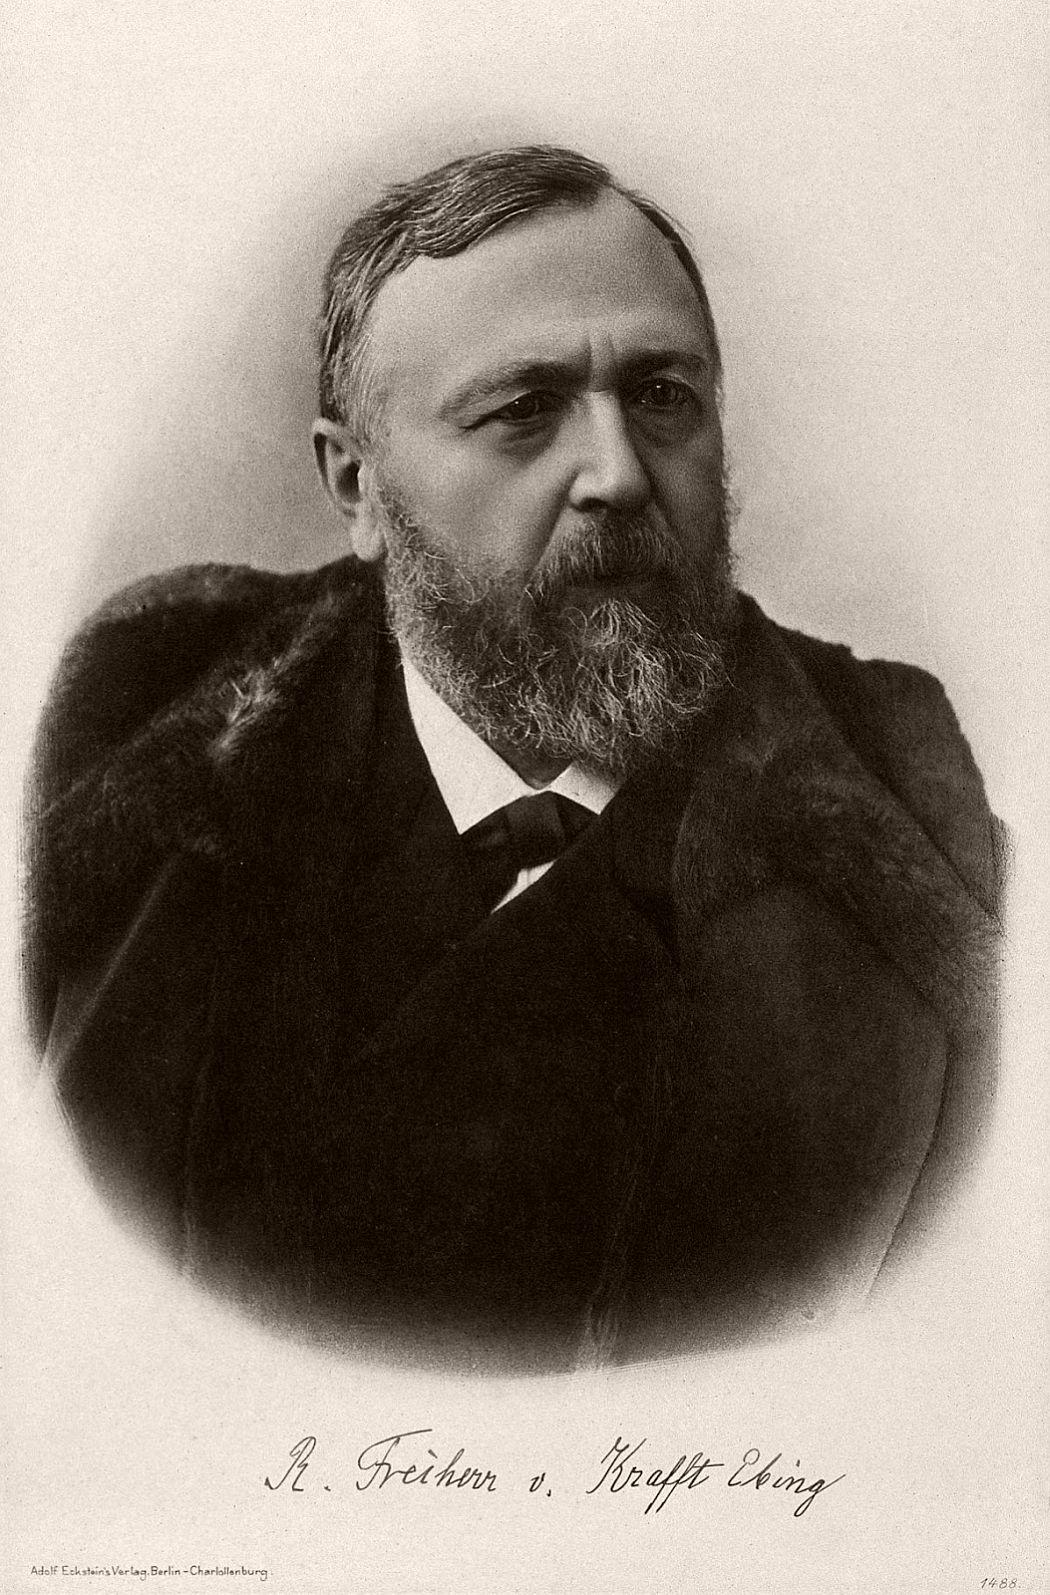 Portrait of Richard von Krafft-Ebing.